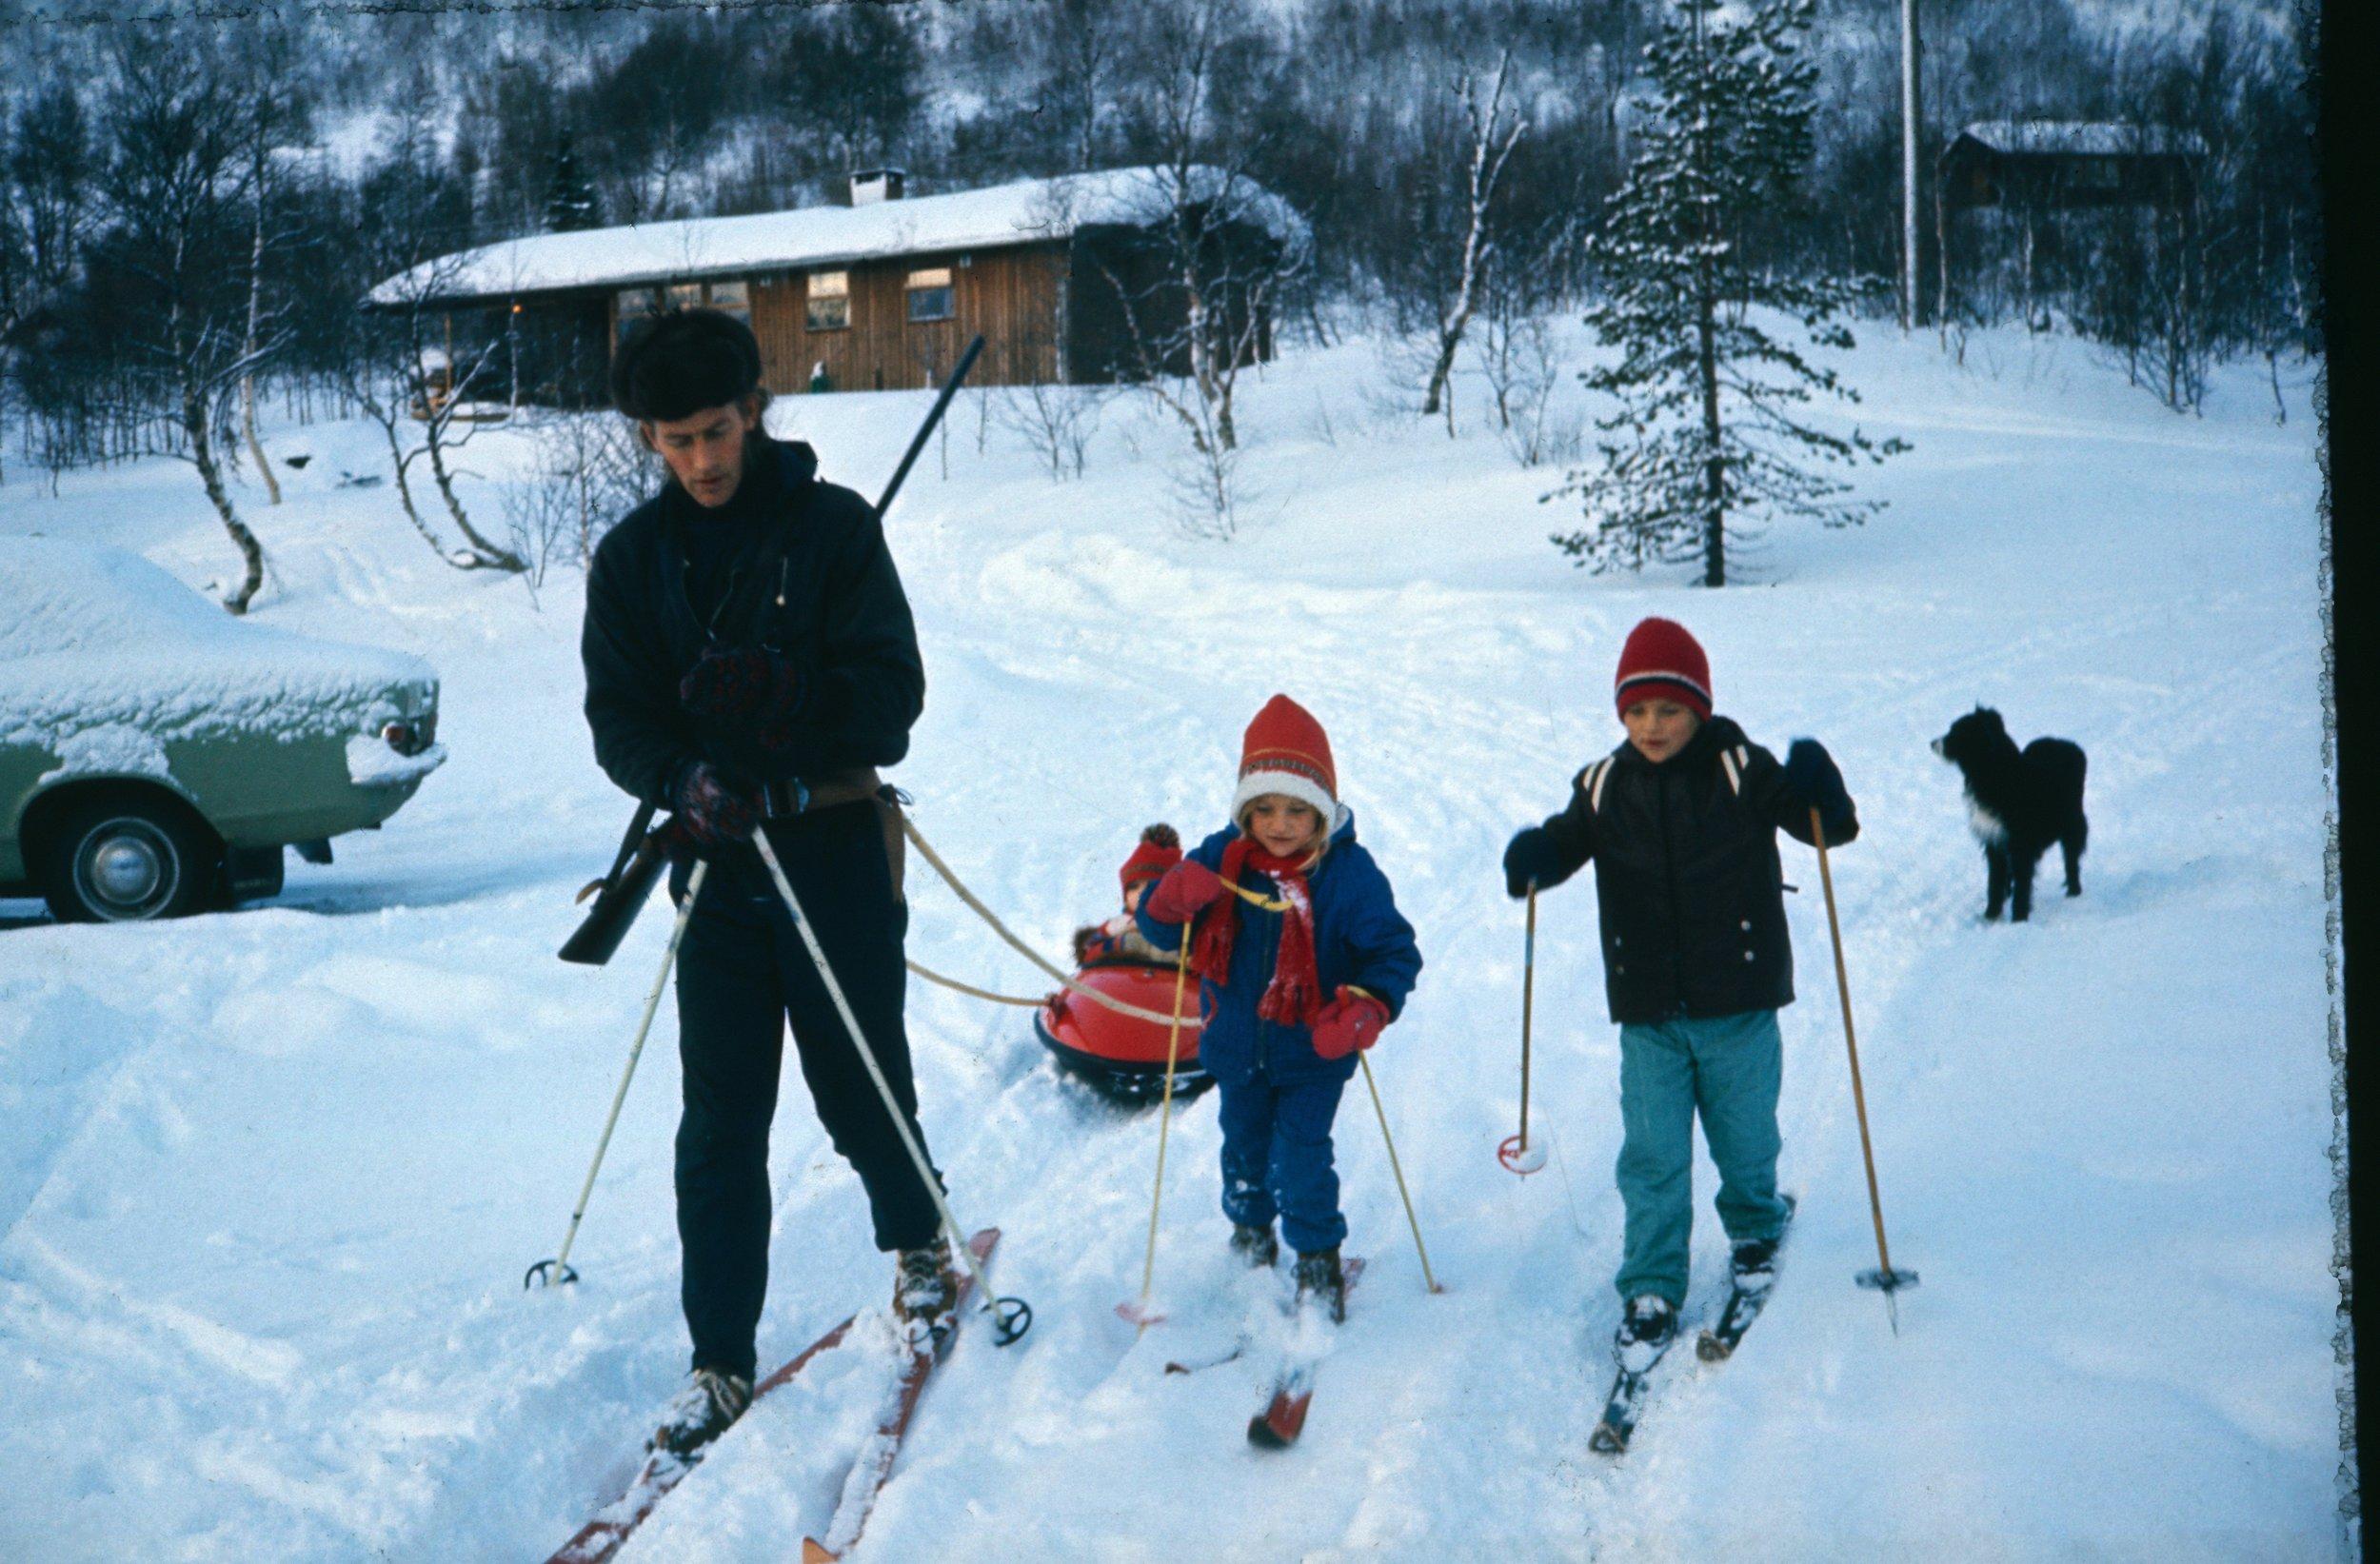 Med eller utan spor … - Hovden har lange tradisjonar for langrenn og turski, og mykje har skjedd sidan dette bildet blei tatt i 1974. Hovden har noko for alle, enten du vil ha trikkeskinner eller lage dine eigne spor i urørt snø.